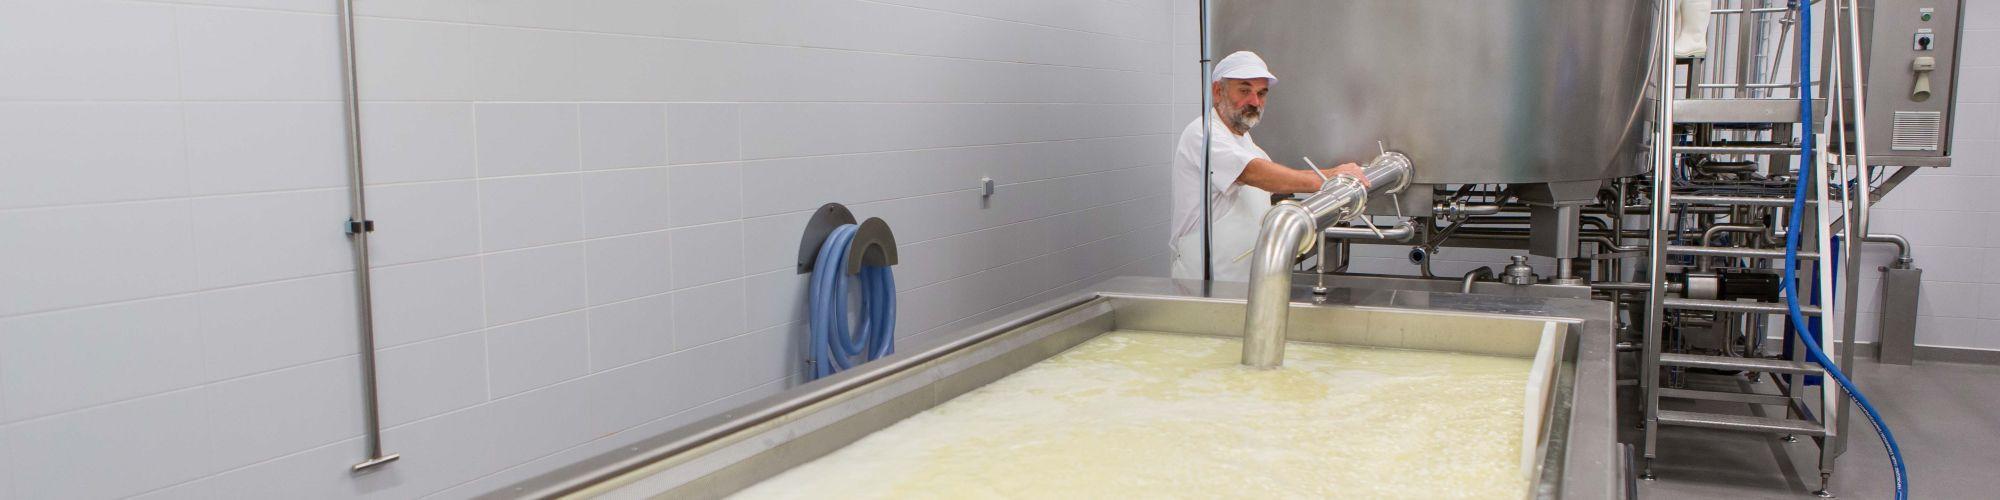 Transfert du lait de la cuve de refroidissement vers la cuve de caillage